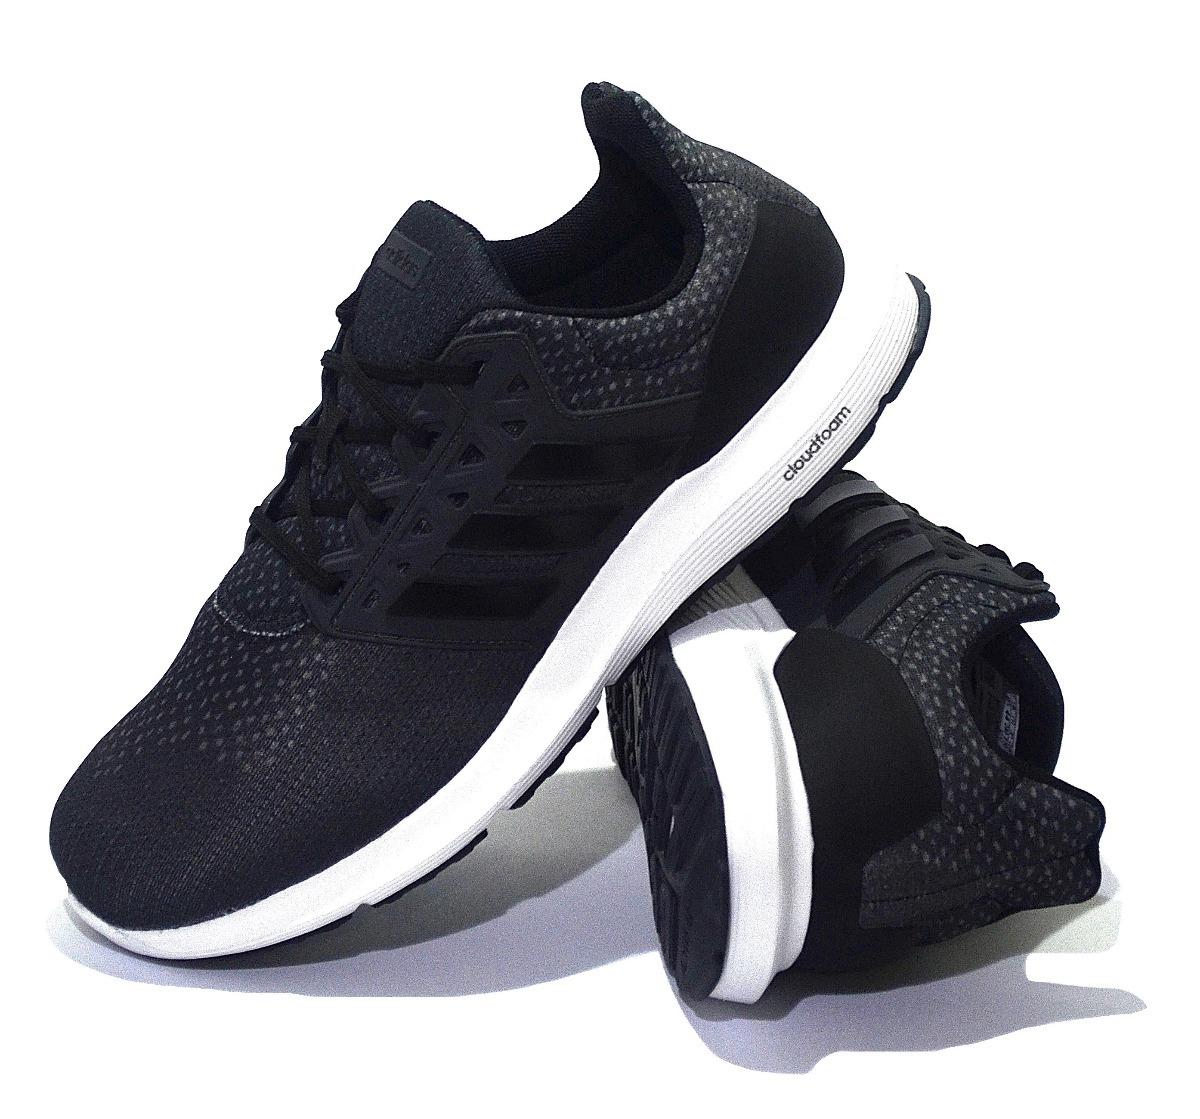 024e7227b9790 zapatillas adidas modelo running solyx m - (9340). Cargando zoom.